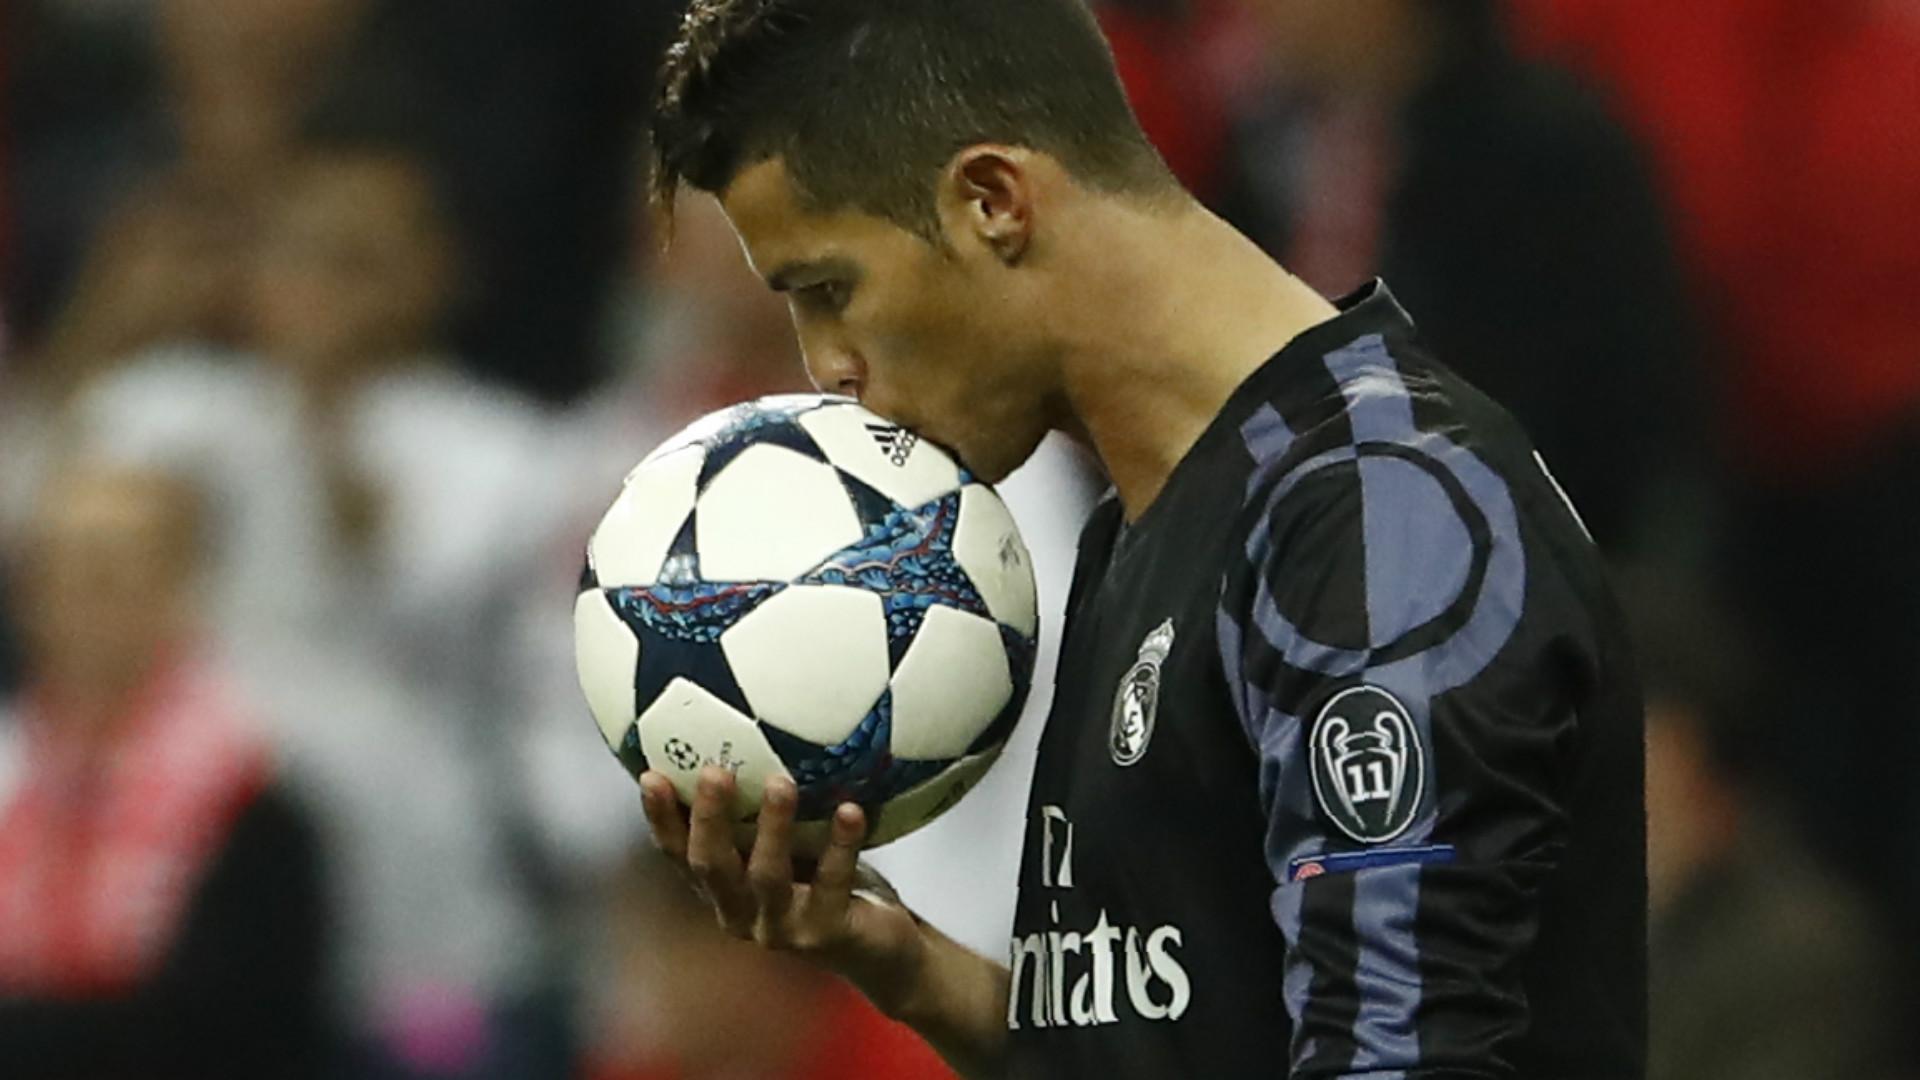 Cristiano Ronaldo quebra mais uma barreira  100 gols não é para ... 417f248712b69